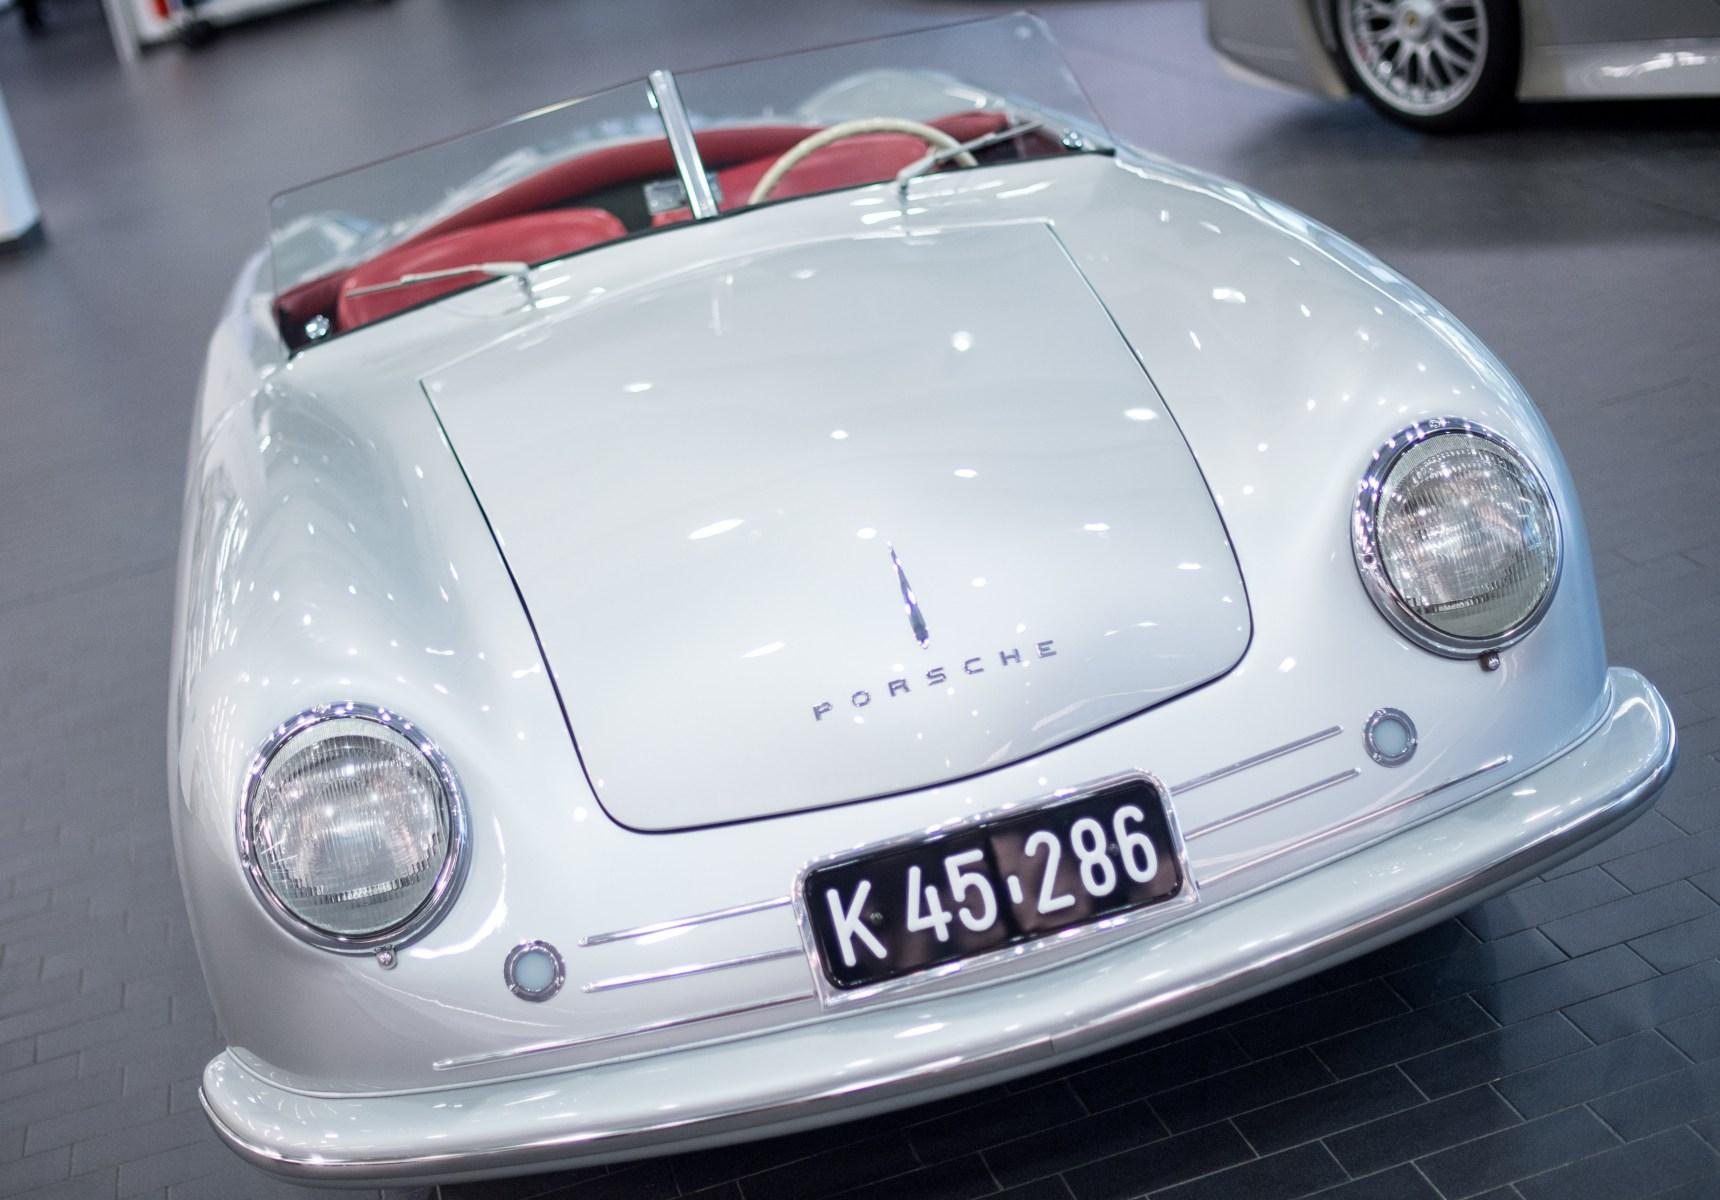 Porsche collector